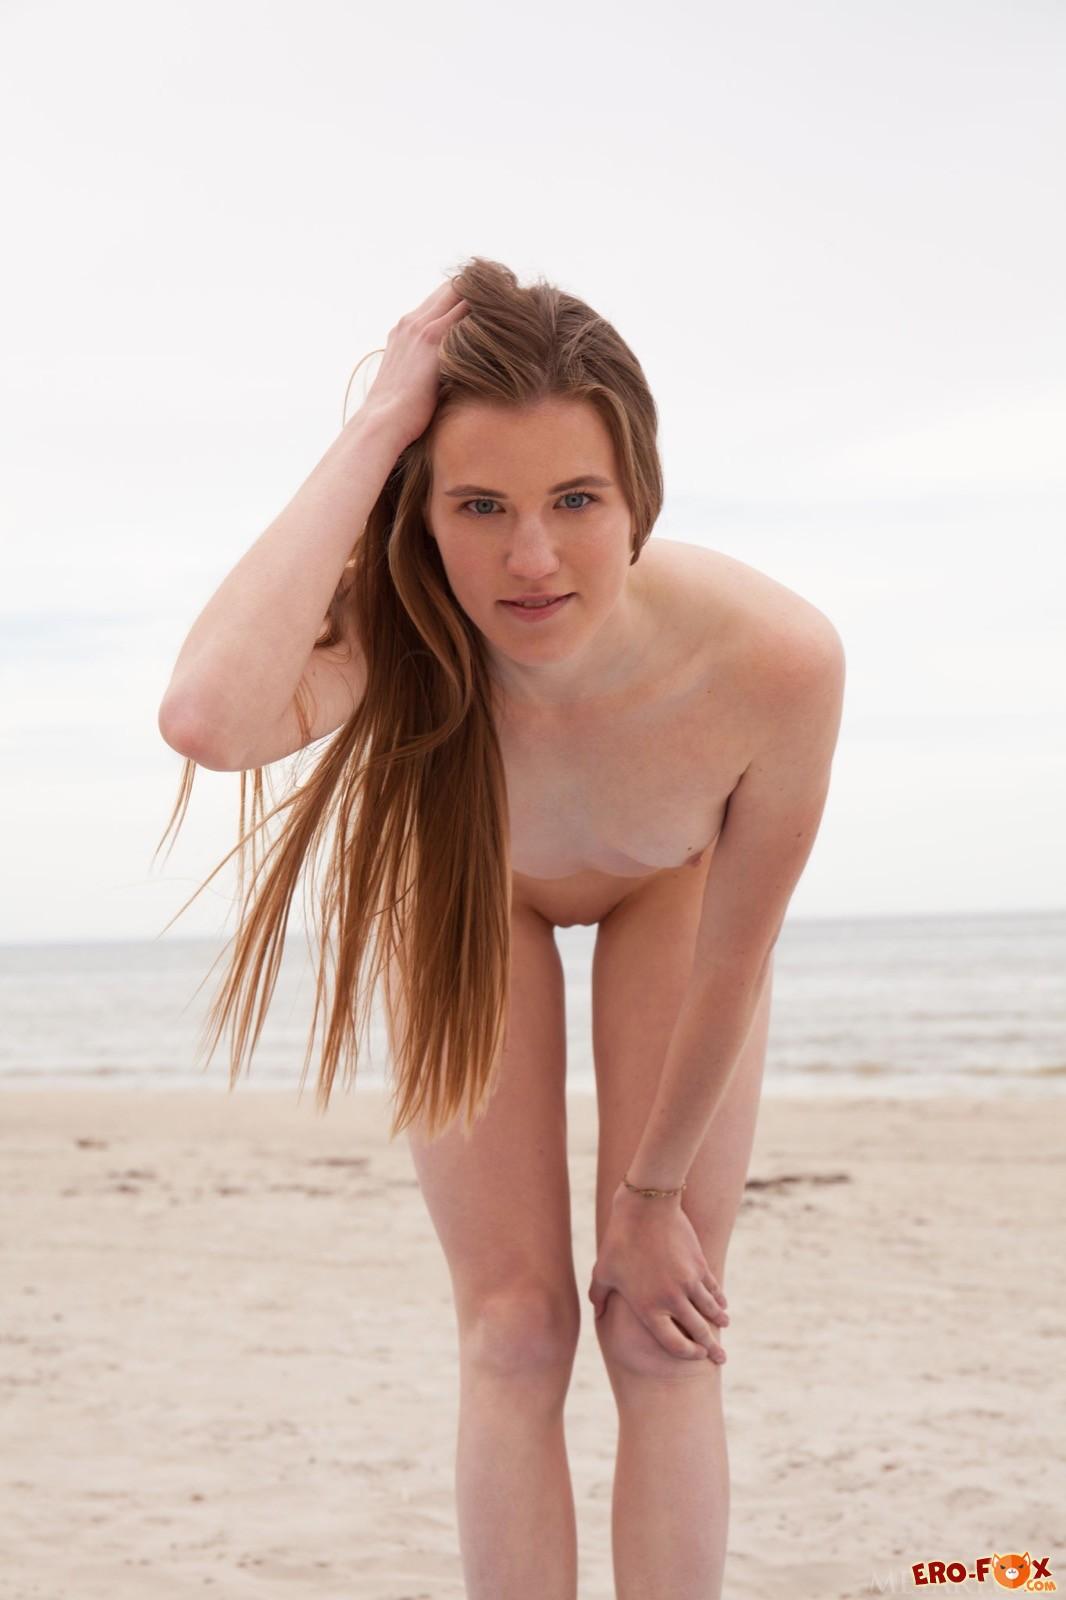 Голая девица без трусов занимается йогой на пляже - фото